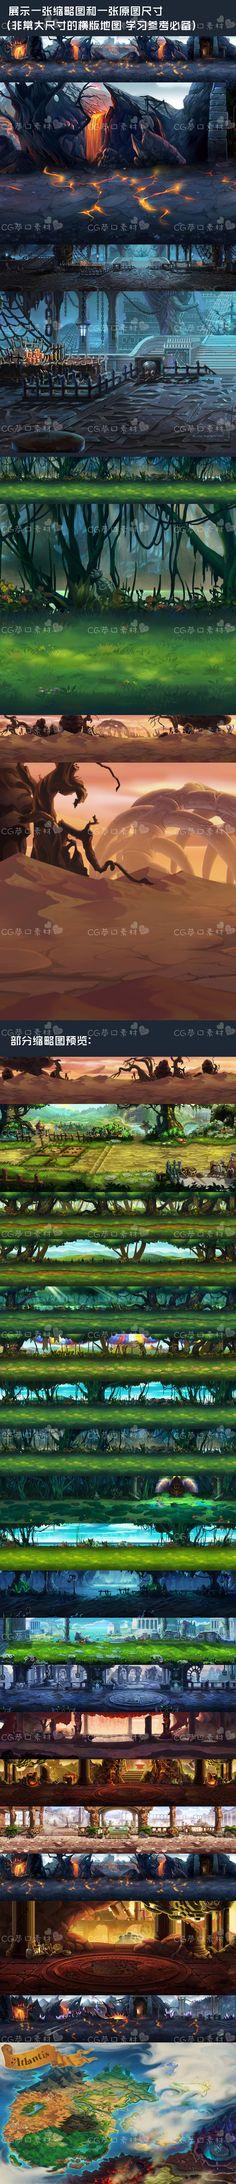 【CG巷口素材】日韩风游戏场景原画 2D资源横版地图 战斗背景设定-淘宝网